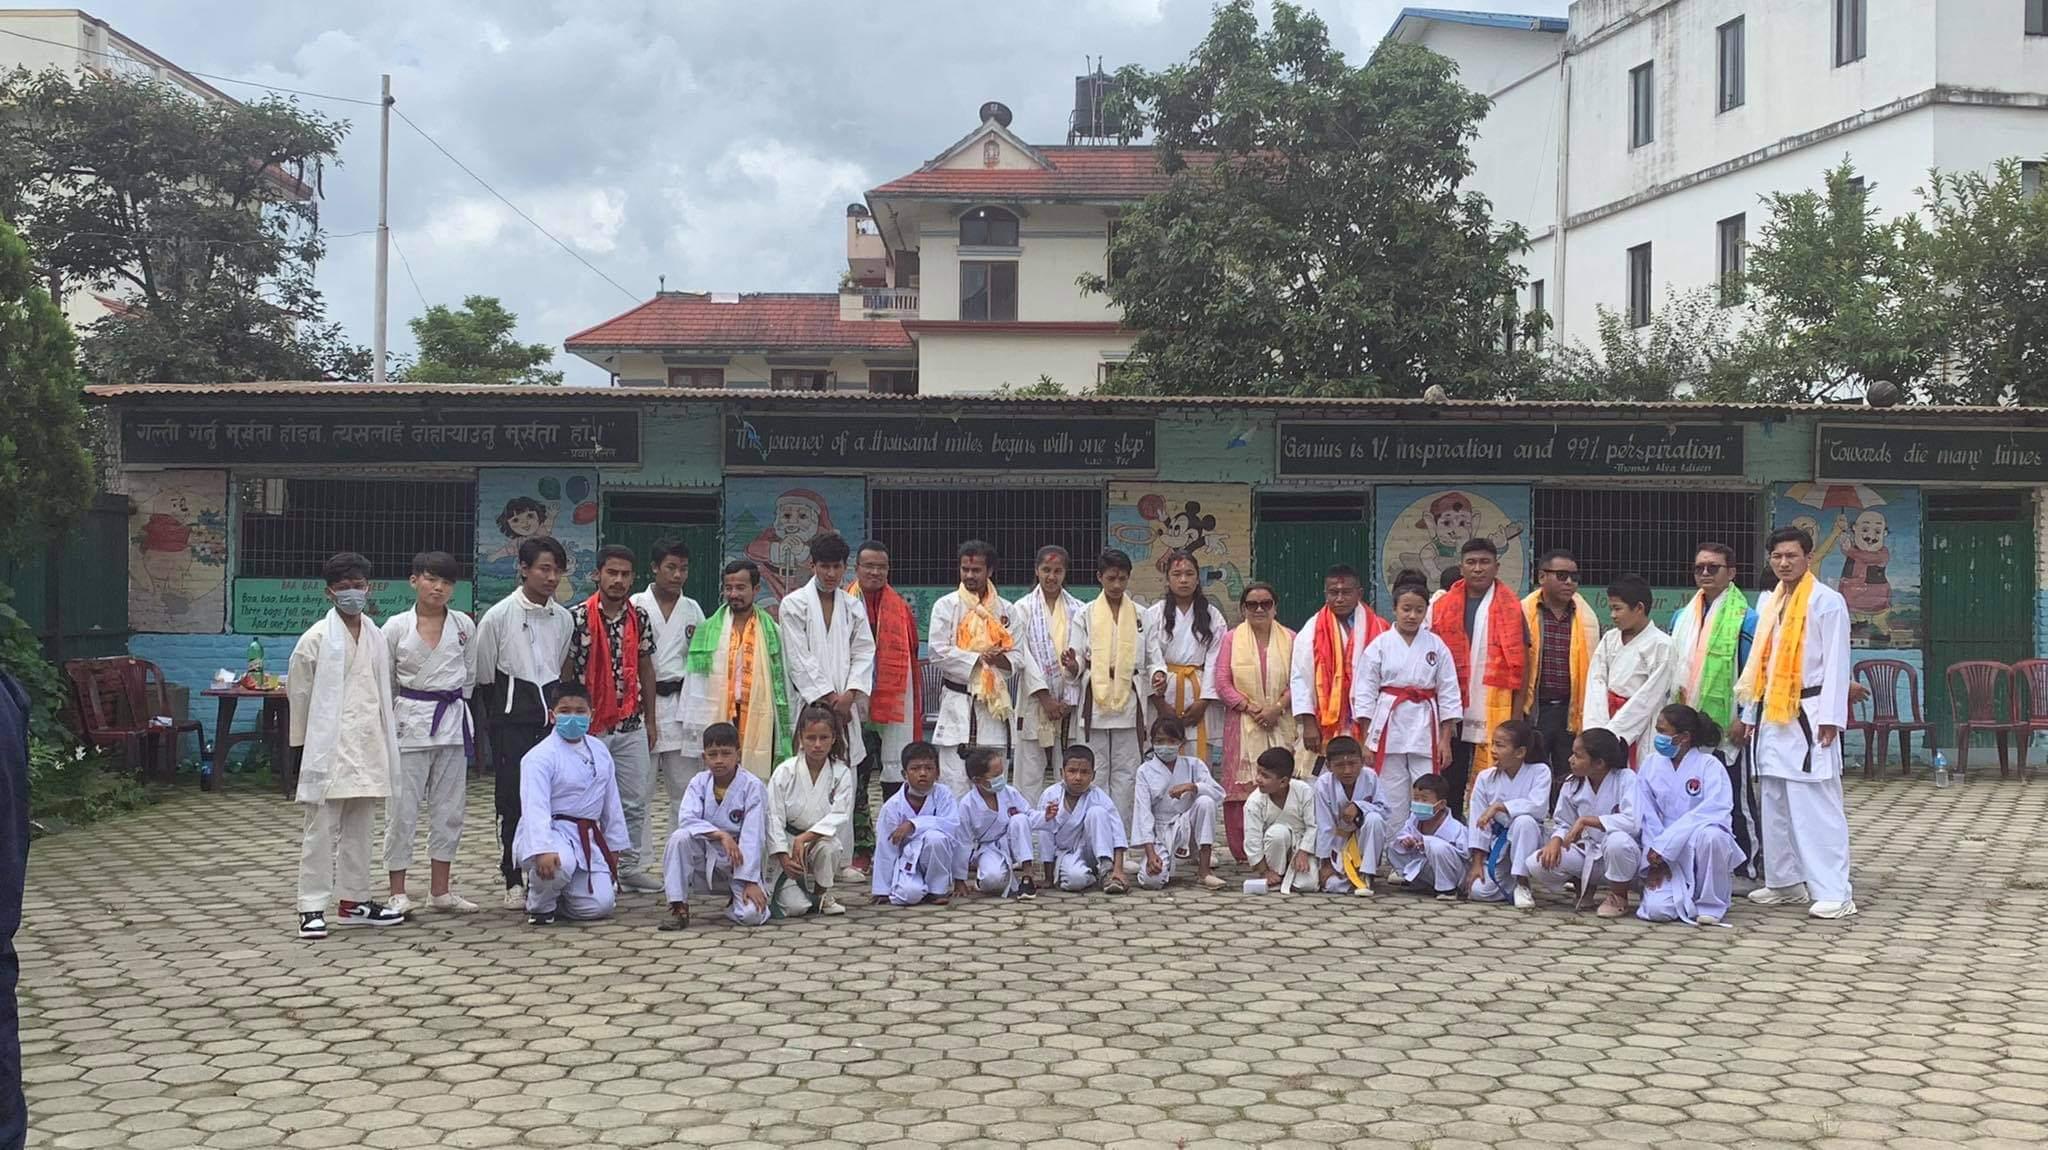 गुरु पुर्णिमाको अवसरमा WIKF द्वारा शुभकामना साटासाट